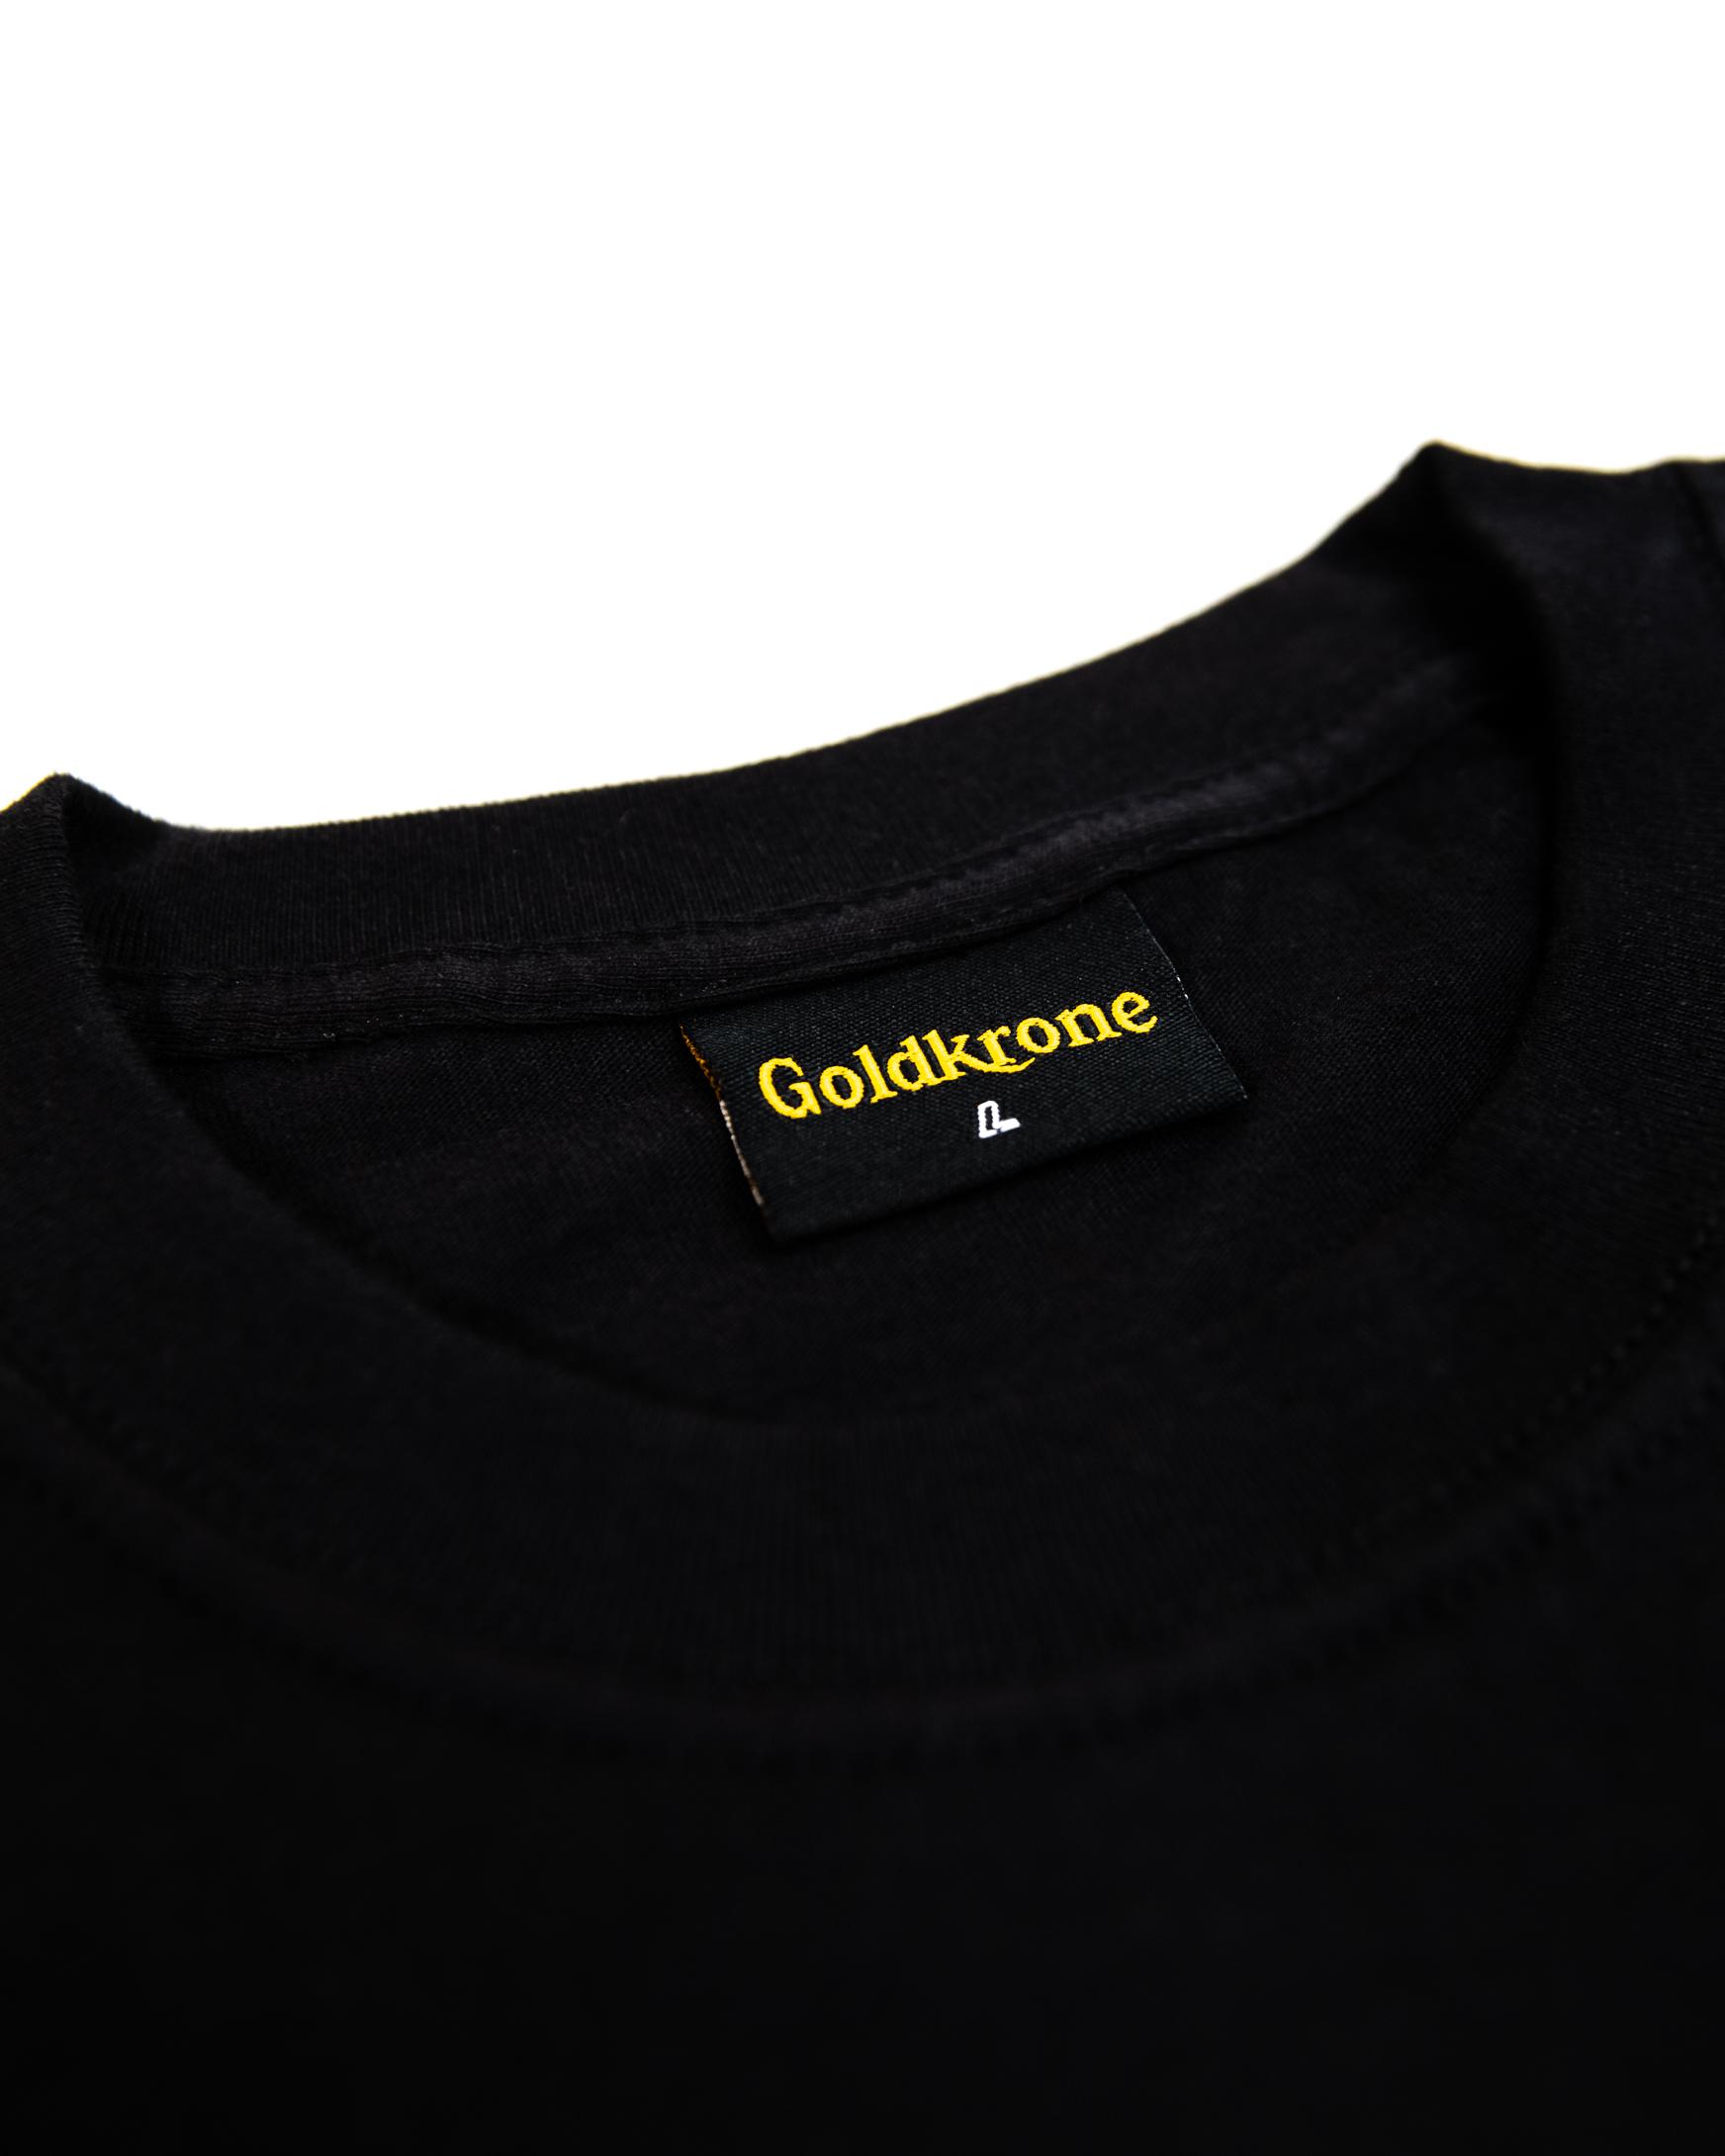 Wilthener Goldkrone T-Shirt schwarz Gr. S